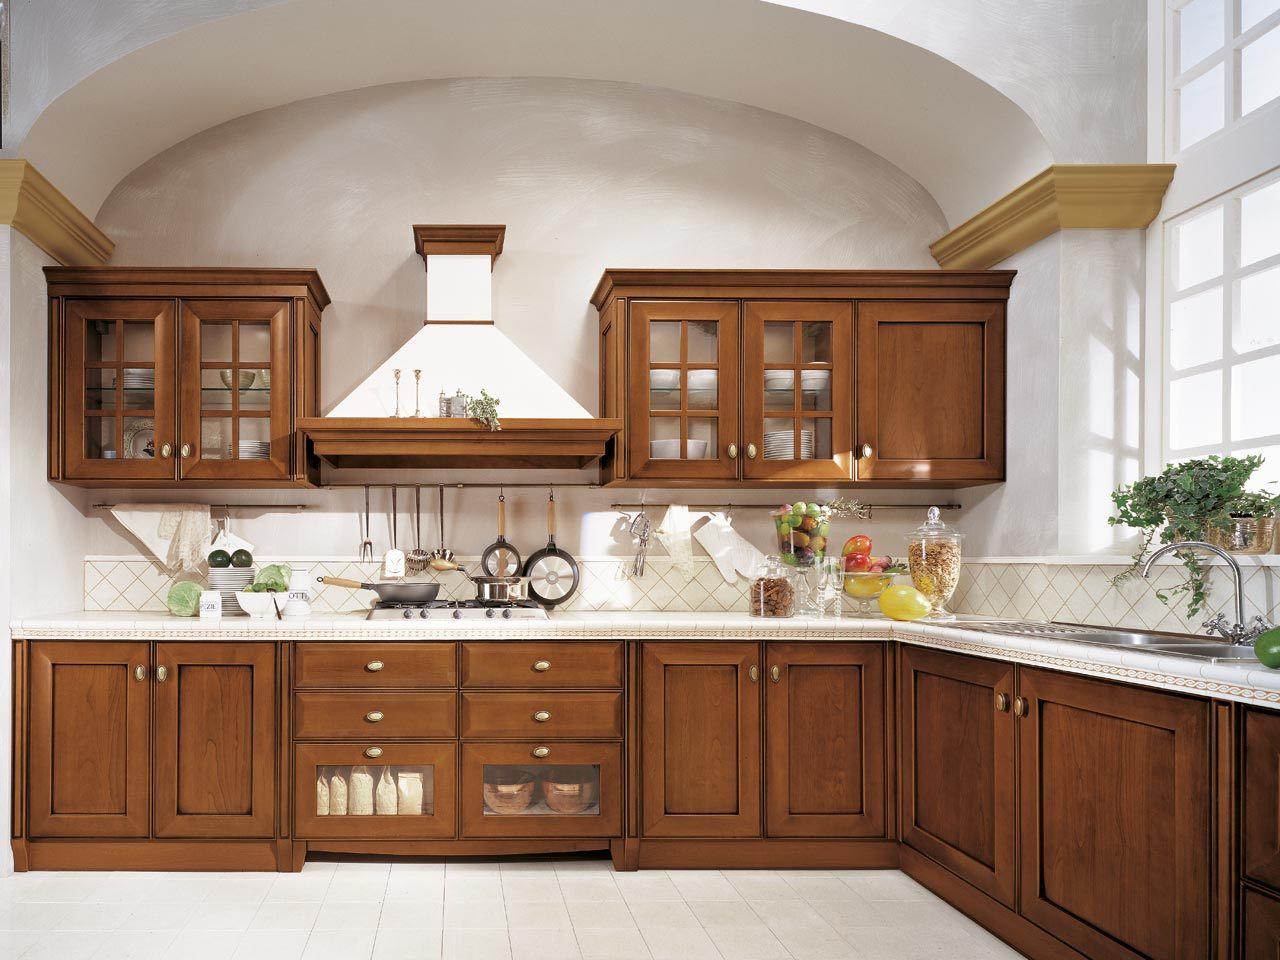 Magasin De Meuble De Cuisine Italienne armoires de cuisine antique en bois massif meubles de